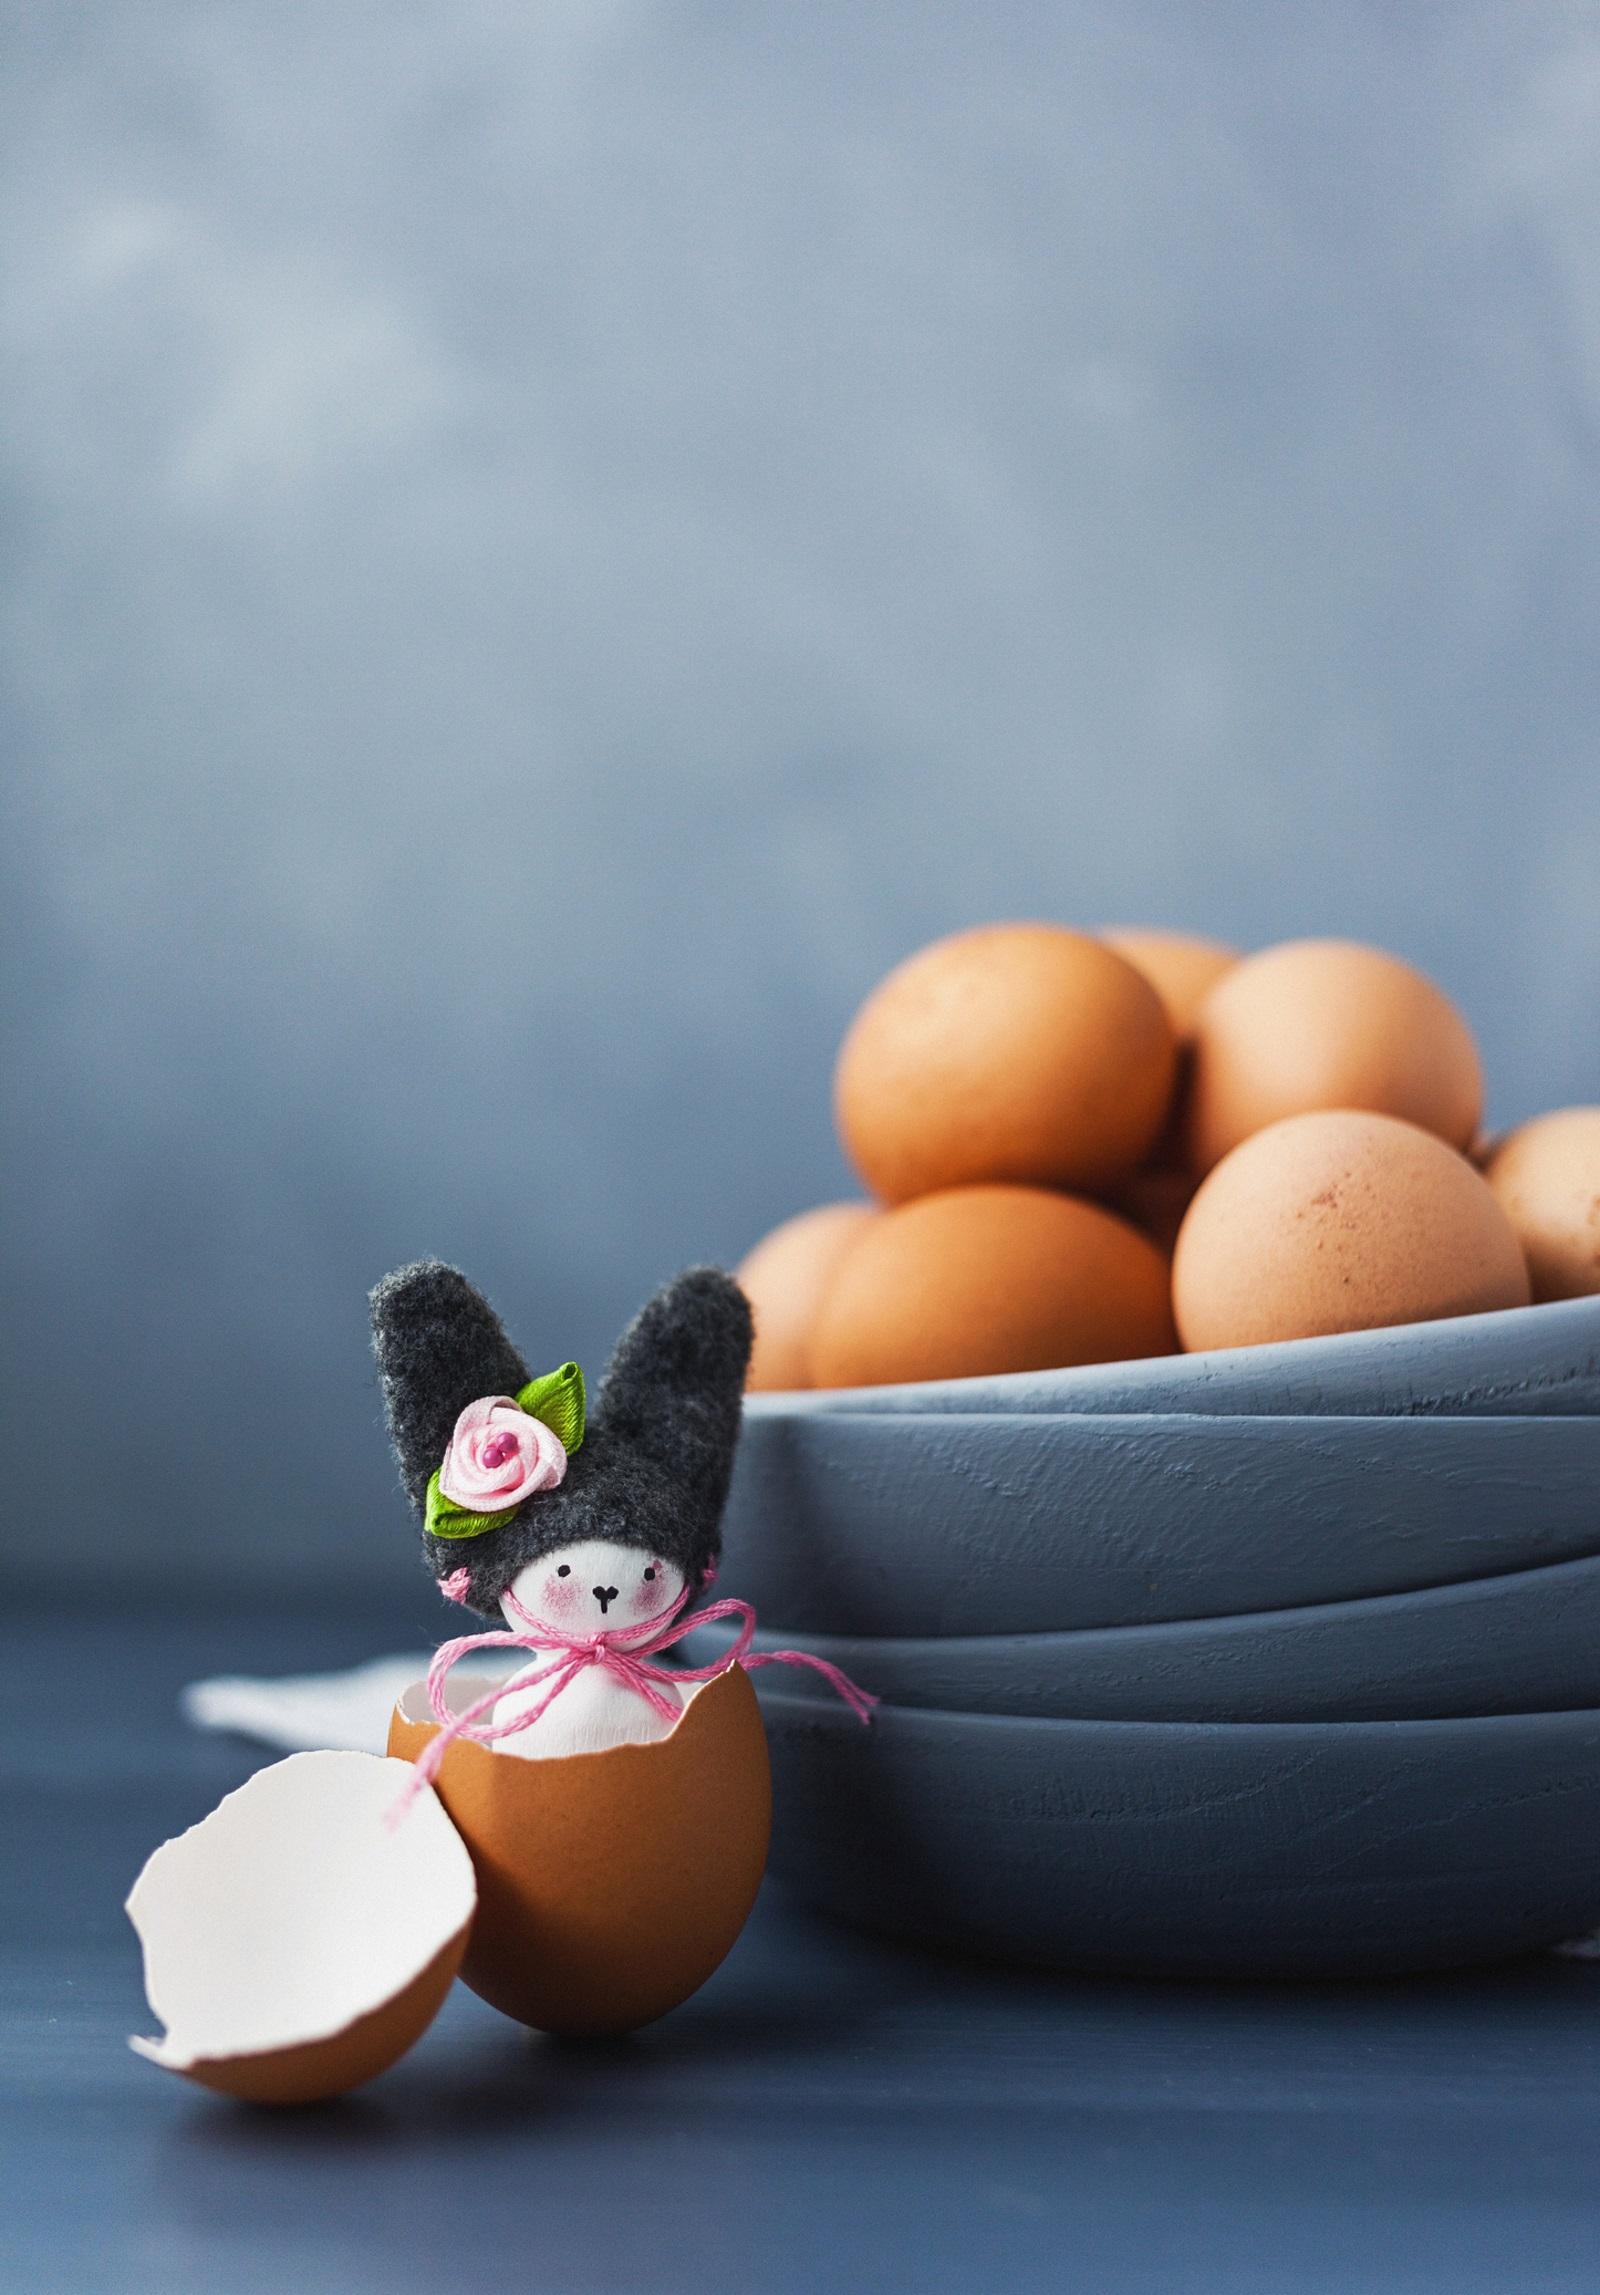 Подаръчета за масата<br /> Зарадвайте гостите си за празника с малки подаръчета, които обаче ще внесат много настроение. В черупка от яйце пъхнете малък сувенир или играчка, украсете с панделка и сте готови.